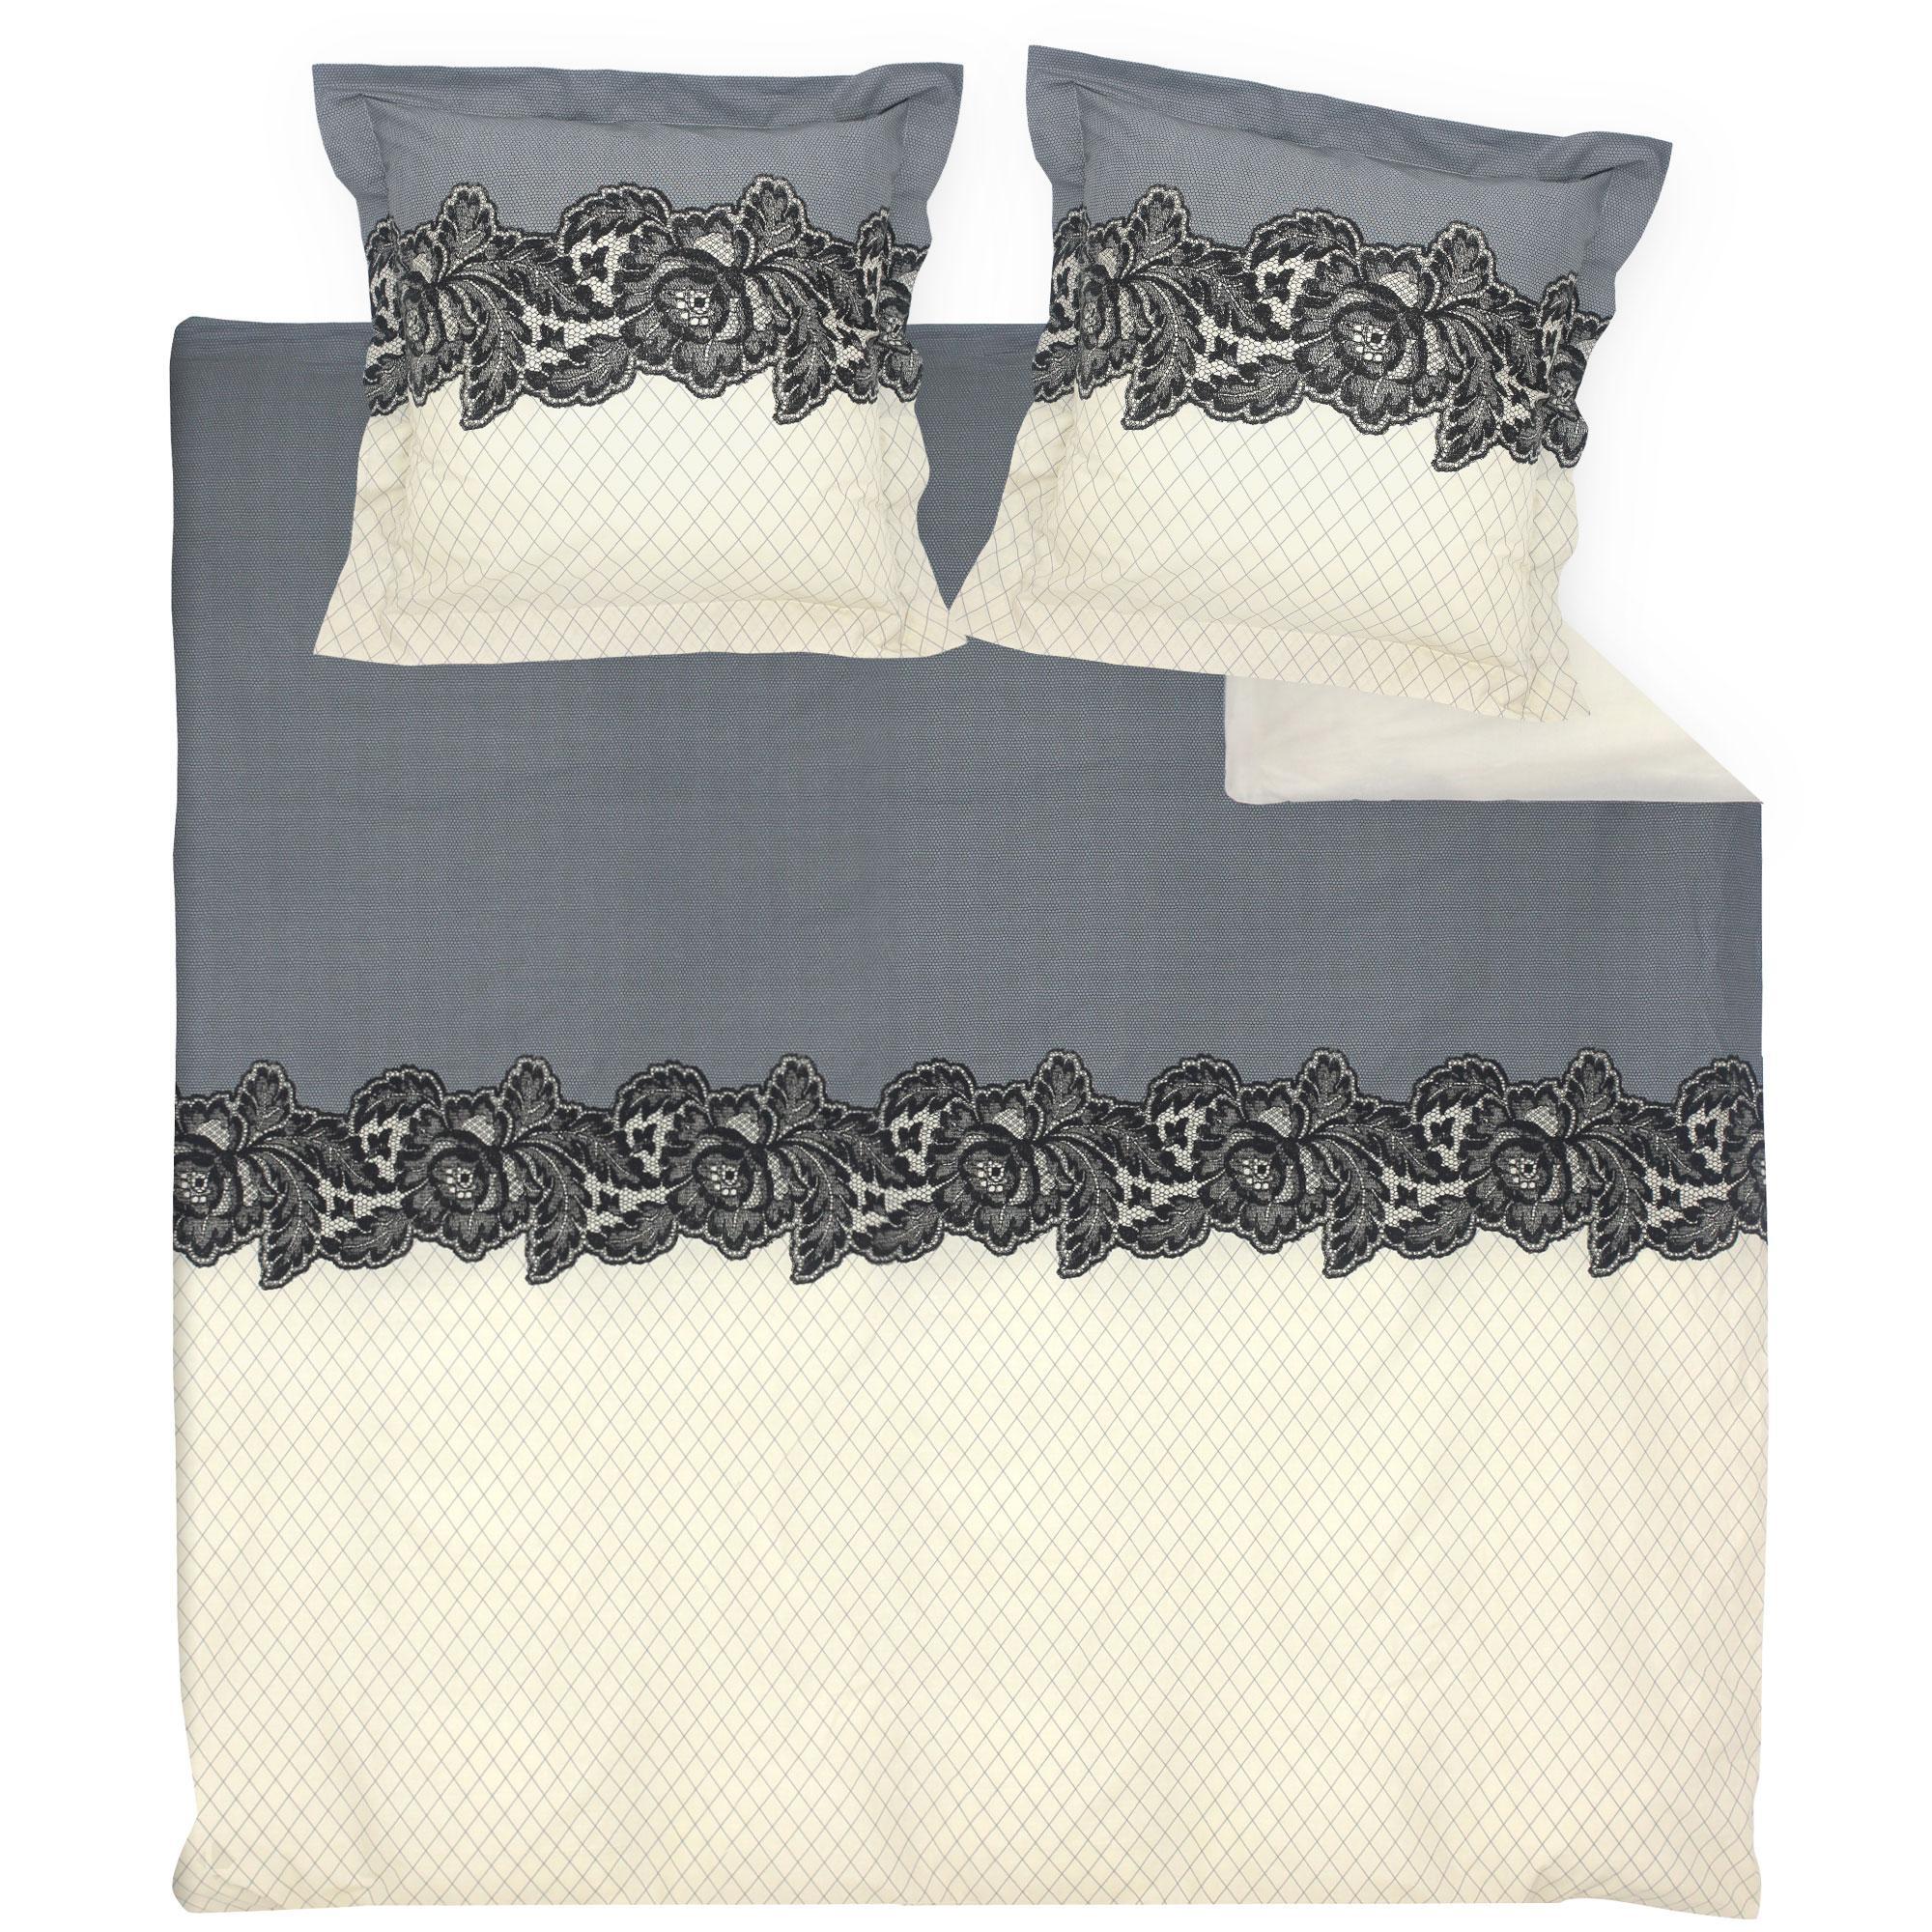 parure de lit 300x240 cm malice linnea linge de maison et. Black Bedroom Furniture Sets. Home Design Ideas